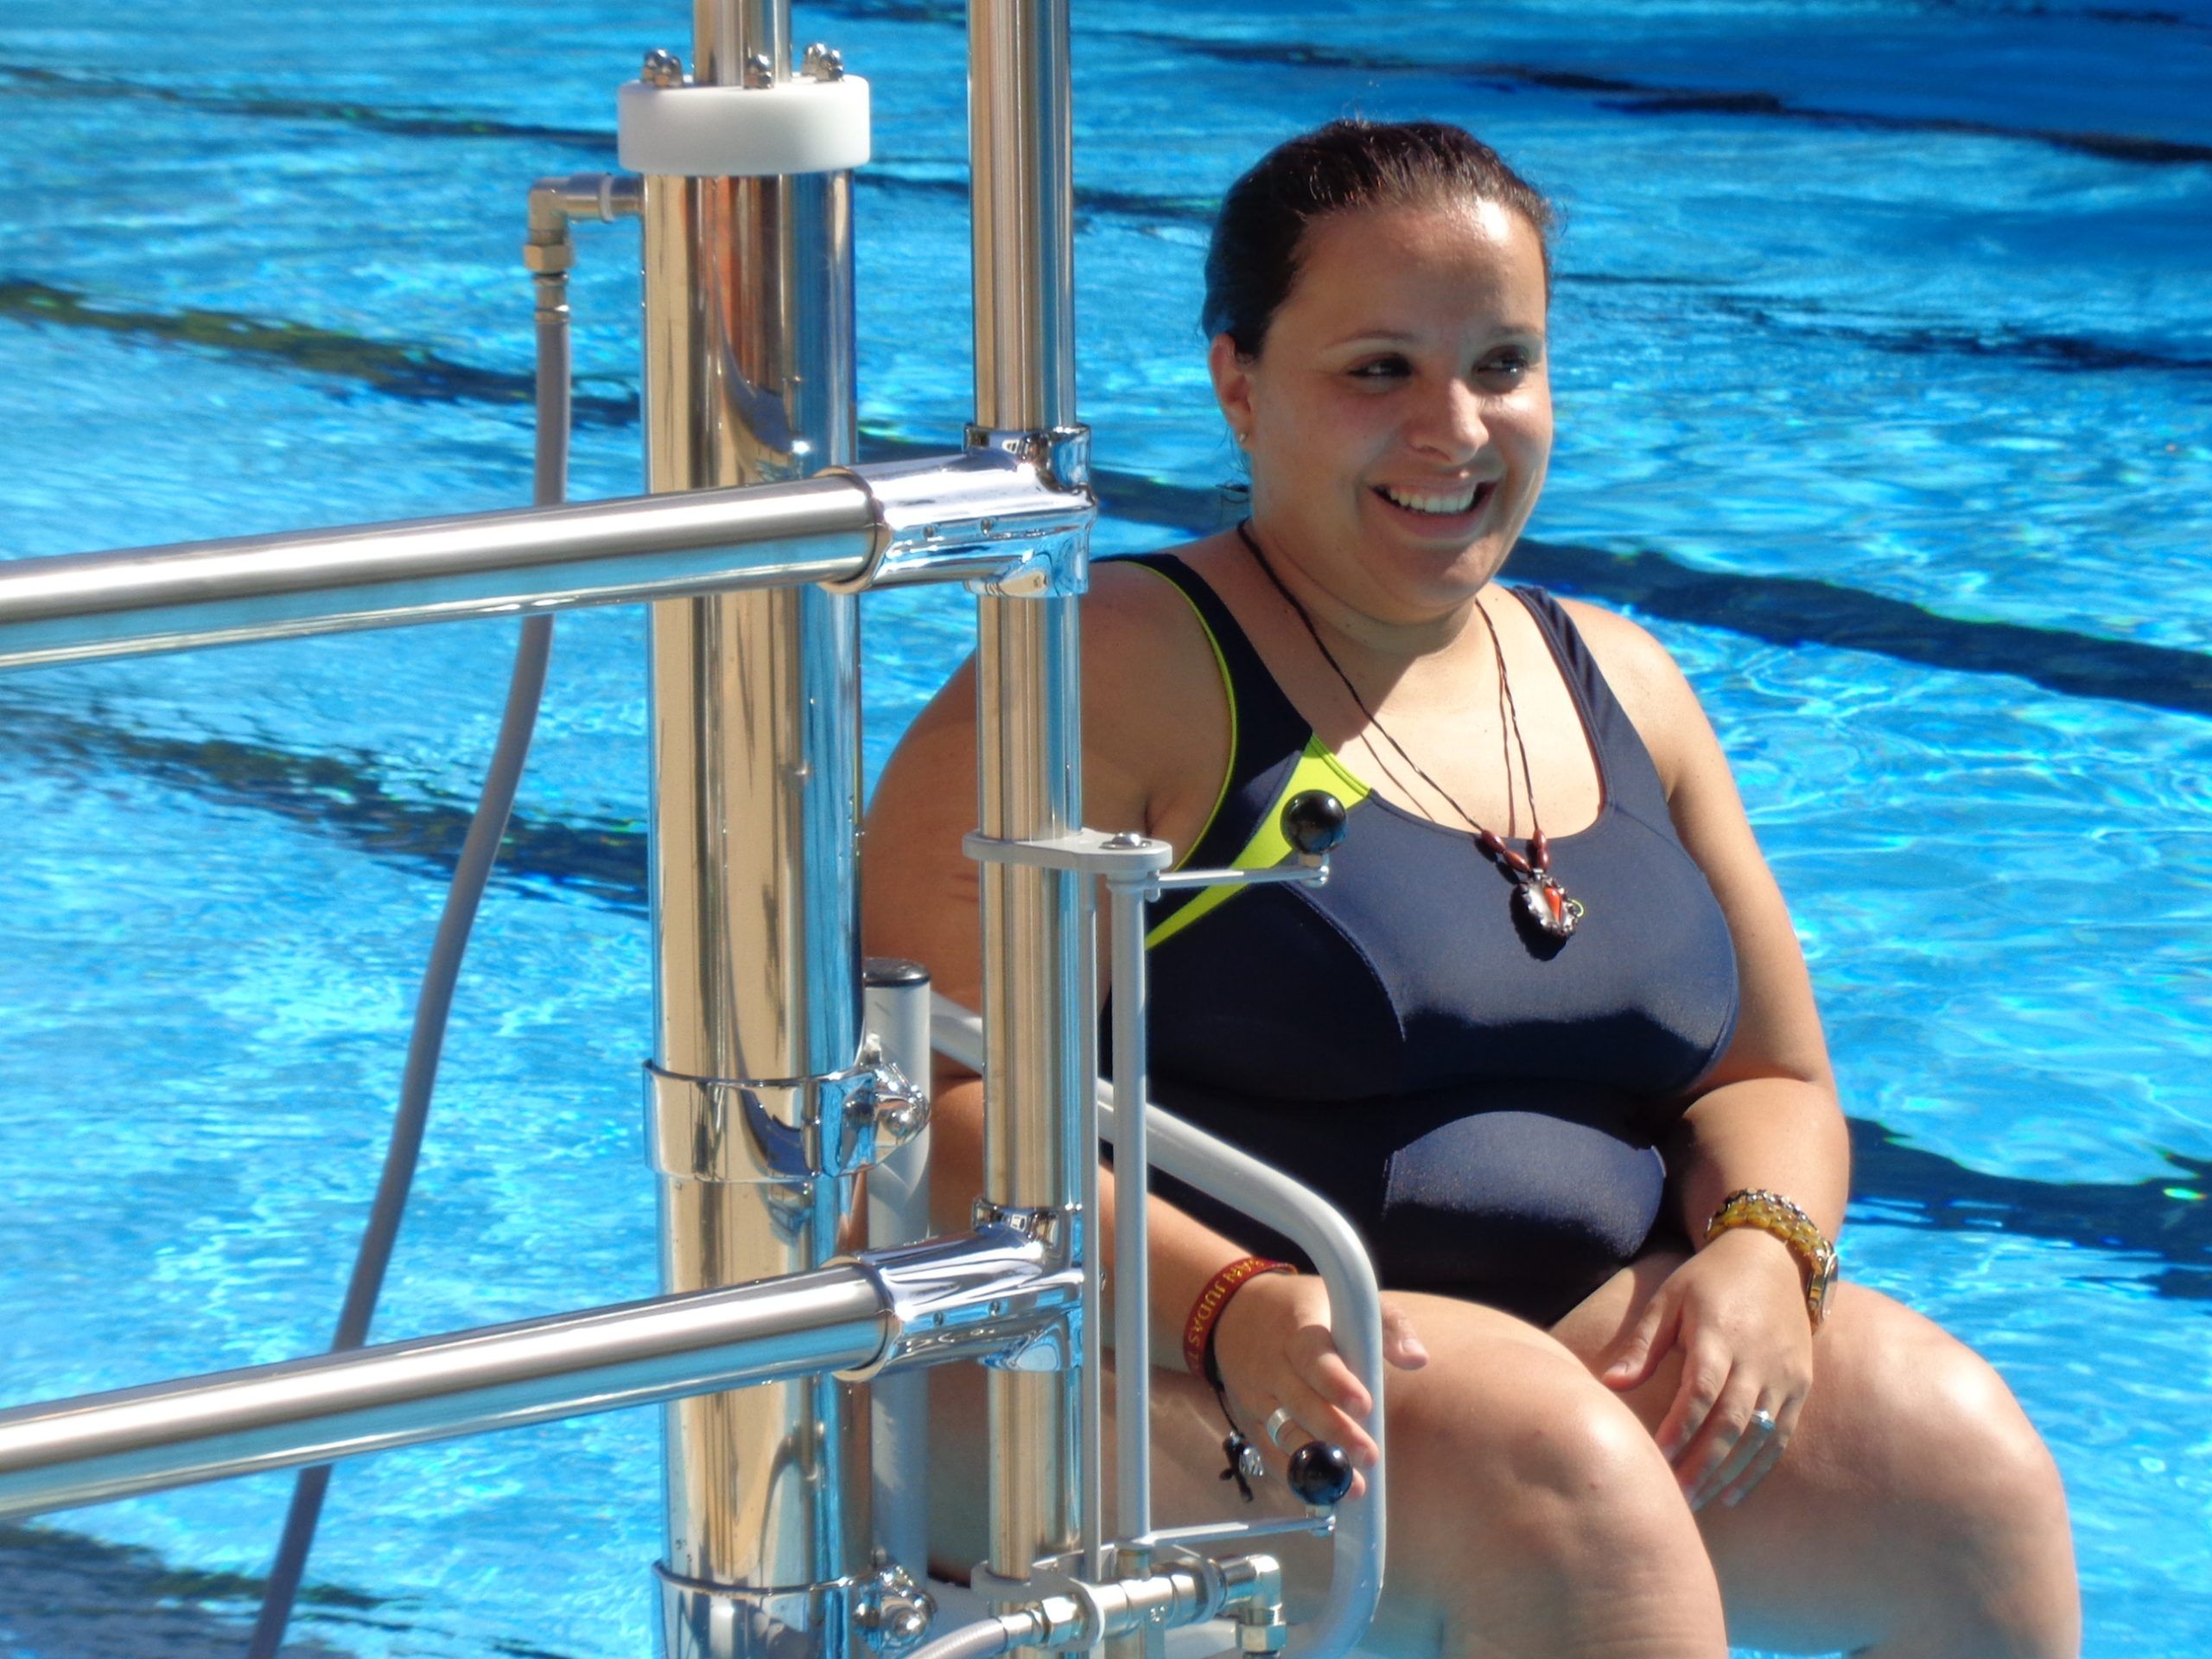 elevador acuatico hidraulico para piscinas accesibilidad discapacidad minusvalidos silla grua